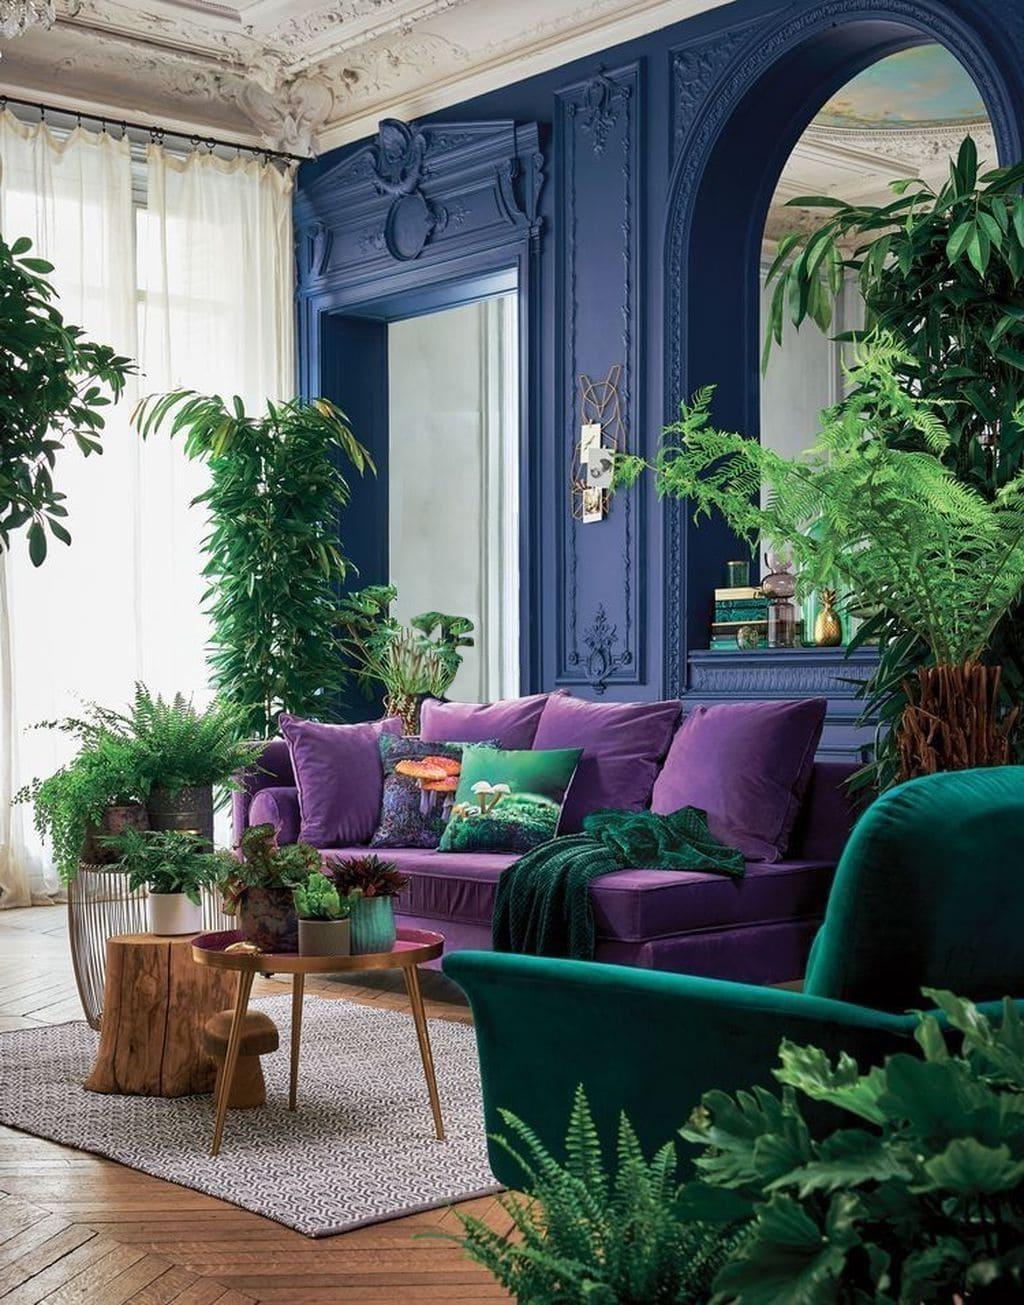 couleur violette à l'intérieur photo 9